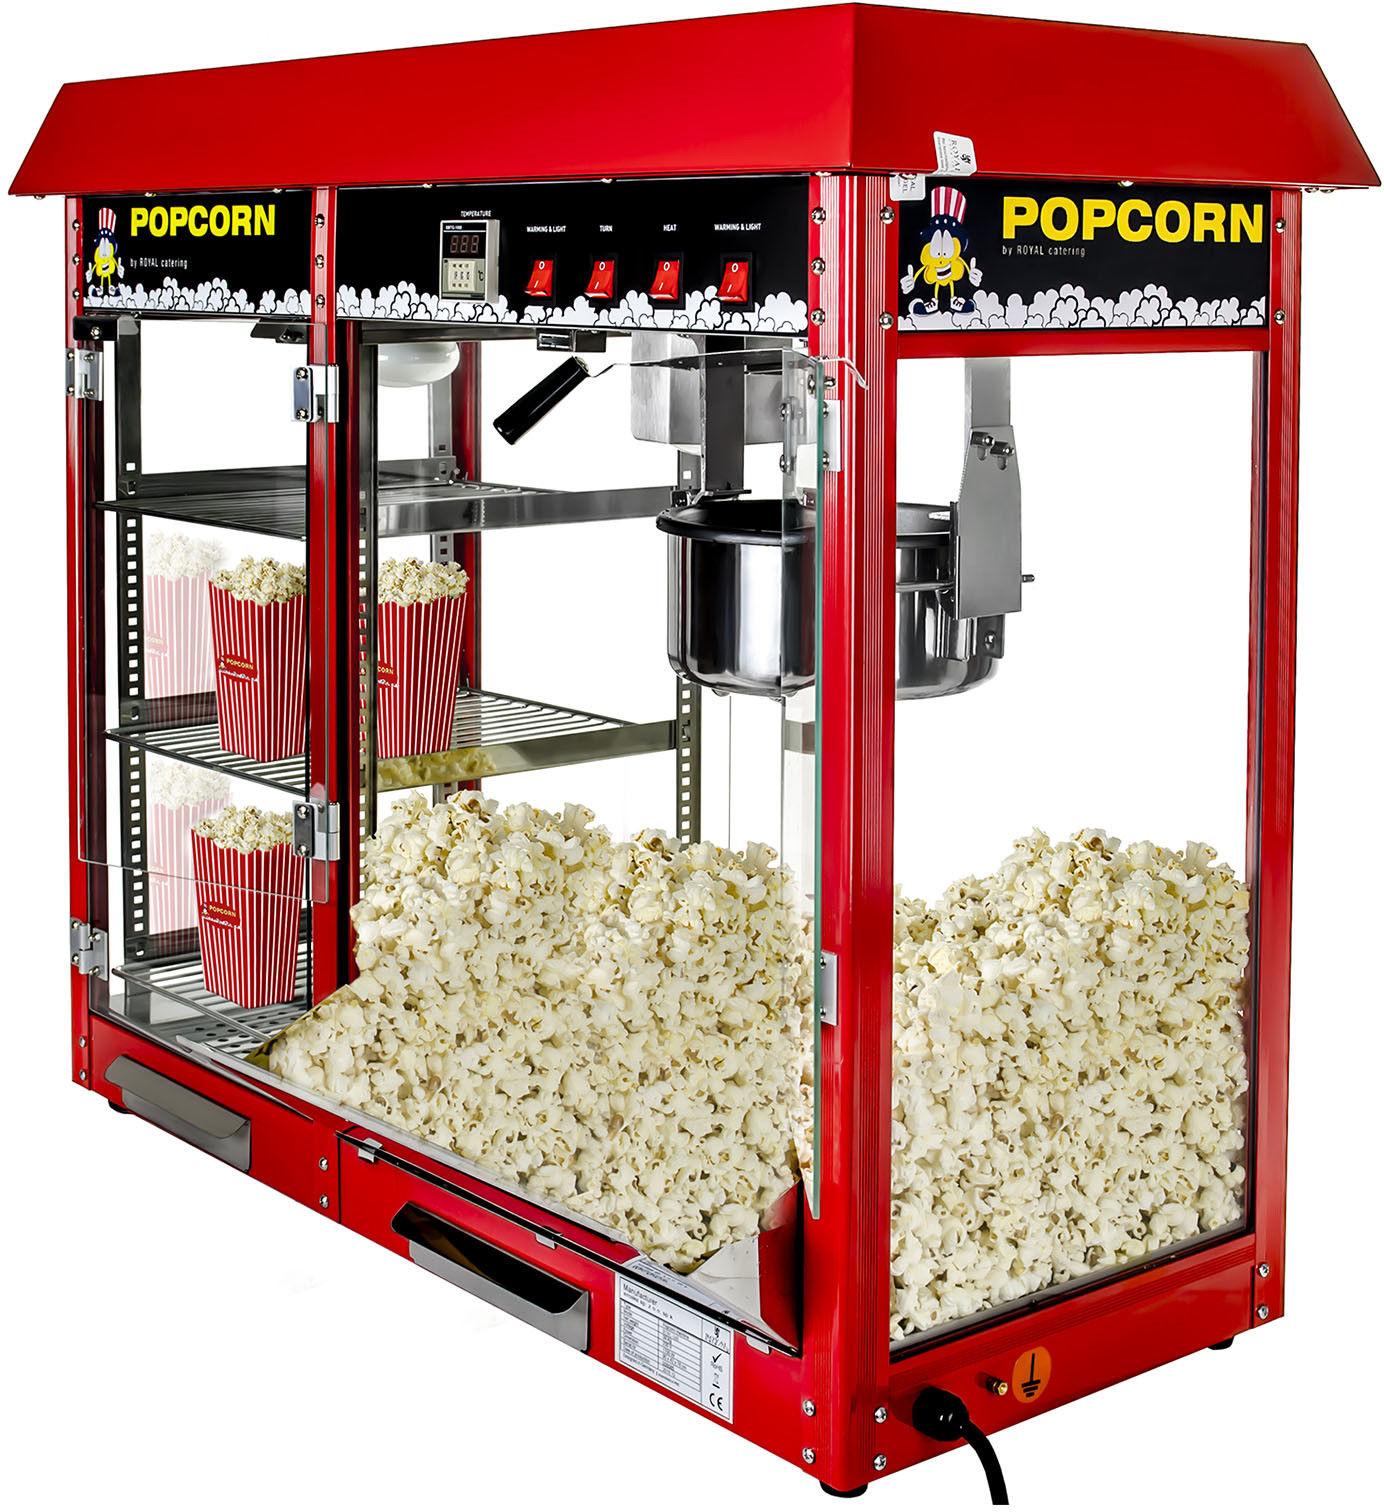 Maszyna do popcornu z witryną grzewczą - czerwona - Royal Catering - RCPC-16E - 3 lata gwarancji/wysyłka w 24h